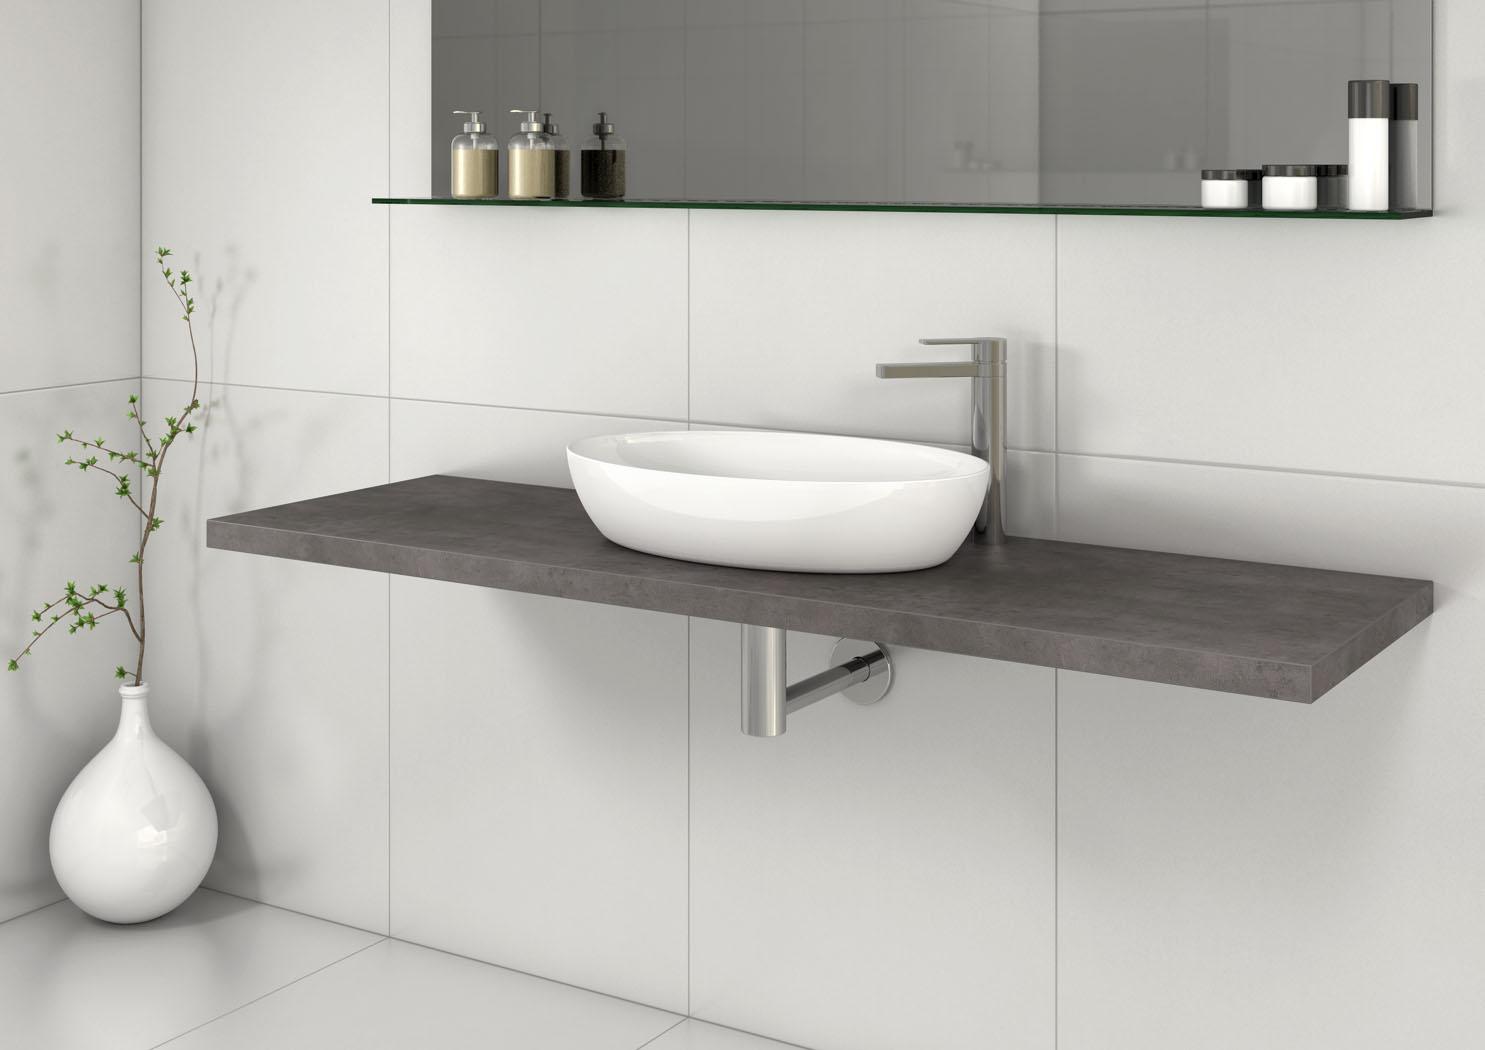 Waschtischplatte beton  Waschtischplatte Beton | gispatcher.com